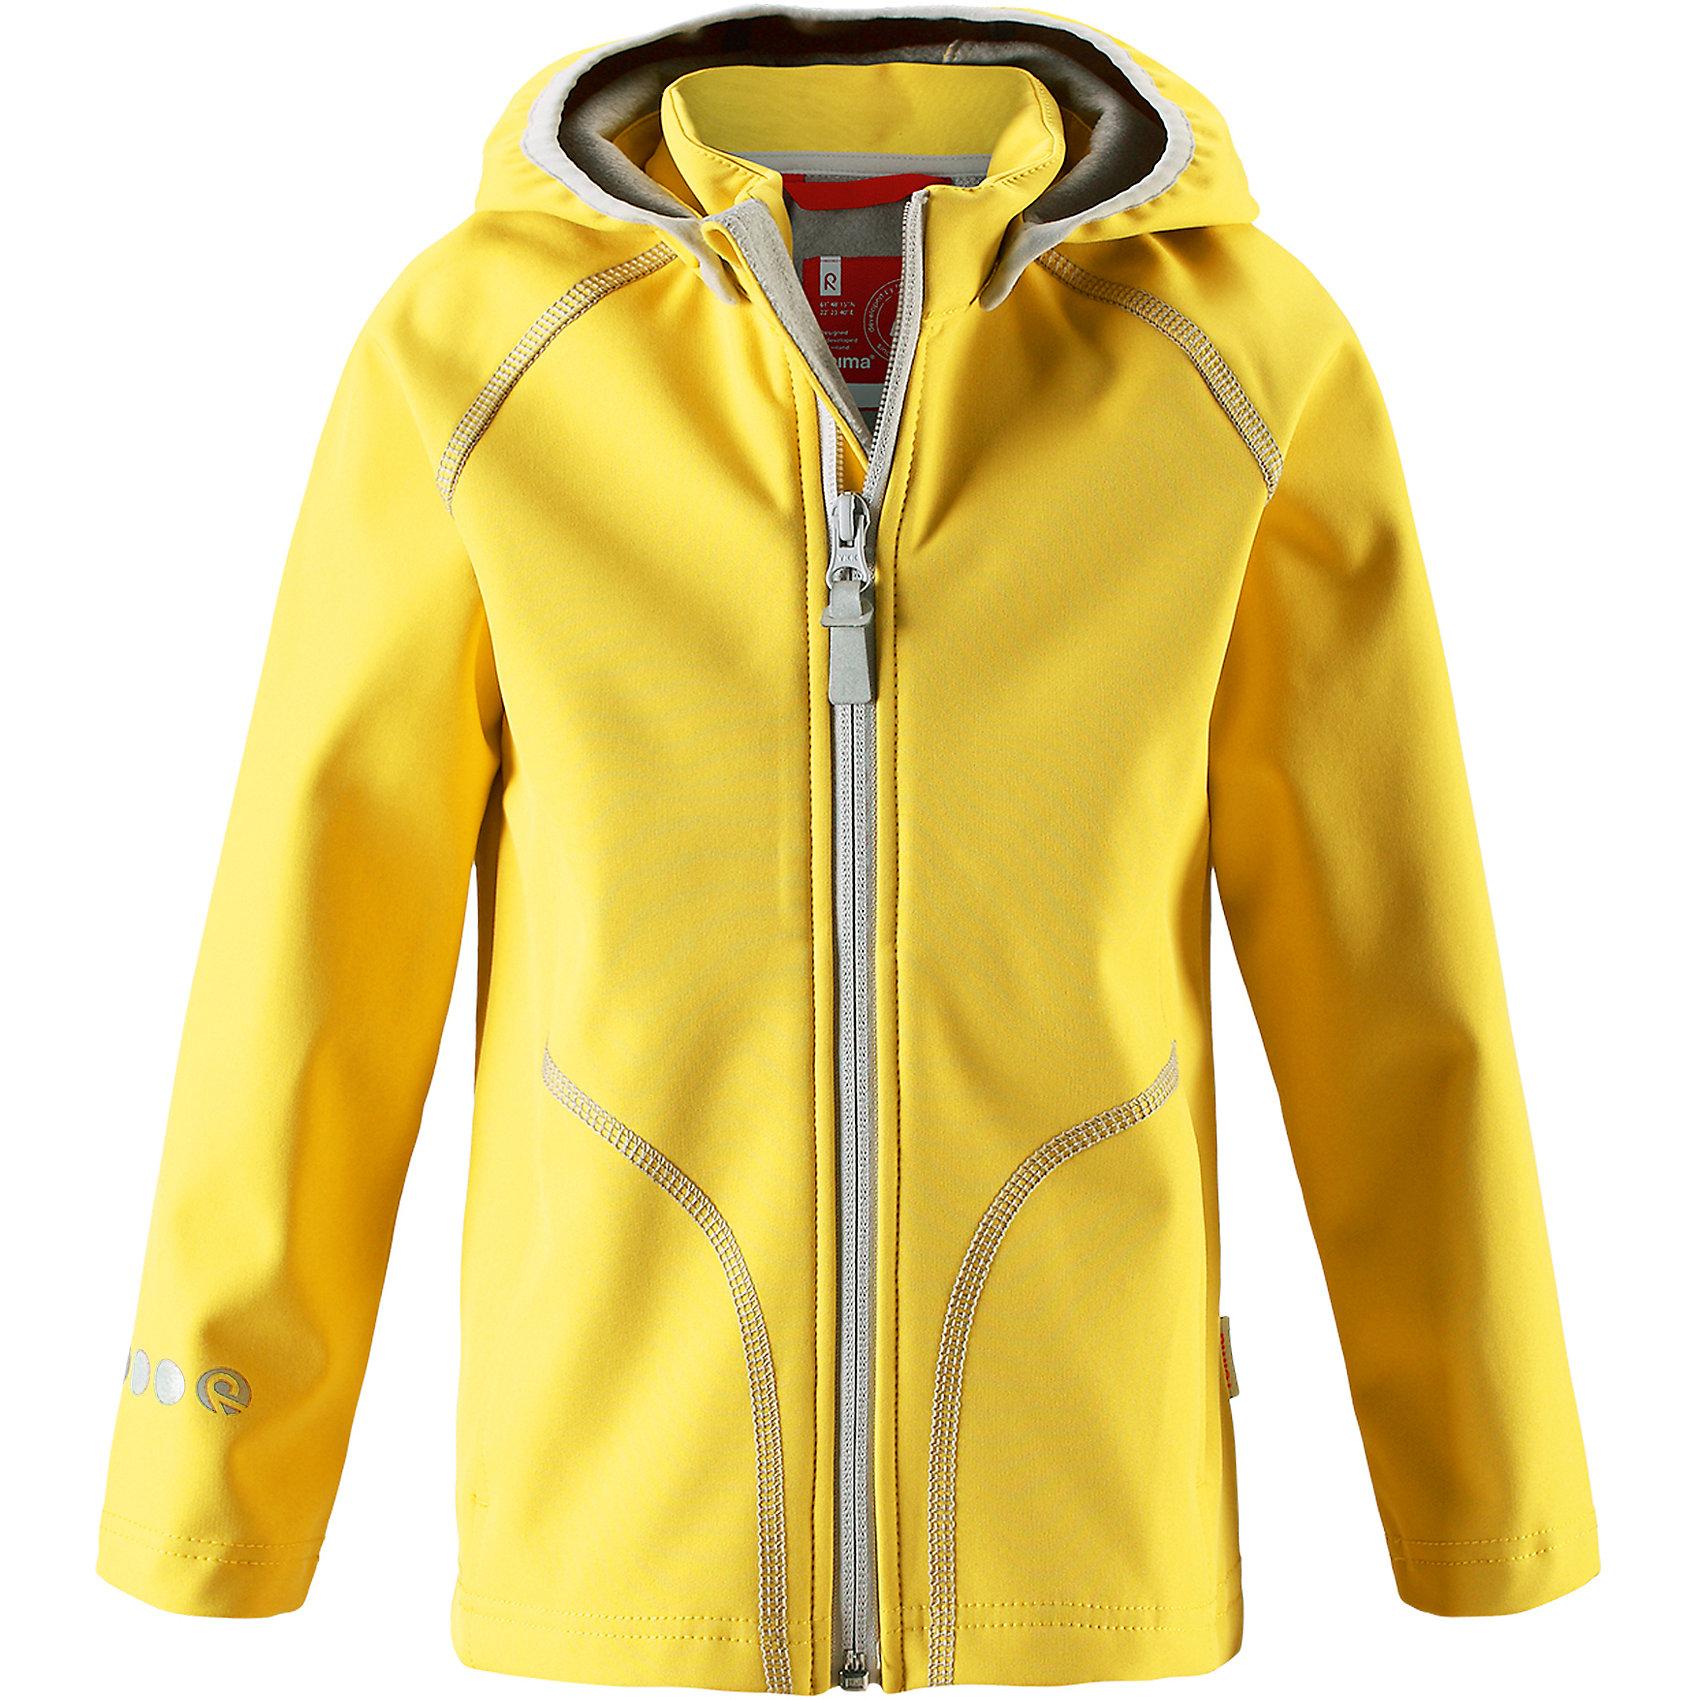 Куртка Vantti ReimaХарактеристики товара:<br><br>• цвет: желтый<br>• состав: 95% полиэстер, 5% эластан, полиуретановое покрытие<br>• температурный режим: от +5°до +15°С<br>• многослойный материал, с изнаночной стороны - флис<br>• водонепроницаемый материал softshell<br>• ветронепроницаемый дышащий материал<br>• безопасный съемный капюшон<br>• два боковых кармана<br>• без утеплителя<br>• молния<br>• комфортная посадка<br>• страна производства: Китай<br>• страна бренда: Финляндия<br>• коллекция: весна-лето 2017<br><br>Верхняя одежда для детей может быть модной и комфортной одновременно! Демисезонная куртка поможет обеспечить ребенку комфорт и тепло. Она отлично смотрится с различной одеждой и обувью. Изделие удобно сидит и модно выглядит. Материал - прочный, хорошо подходящий для межсезонья. Стильный дизайн разрабатывался специально для детей.<br><br>Одежда и обувь от финского бренда Reima пользуется популярностью во многих странах. Эти изделия стильные, качественные и удобные. Для производства продукции используются только безопасные, проверенные материалы и фурнитура. Порадуйте ребенка модными и красивыми вещами от Reima! <br><br>Куртку Reimatec® от финского бренда Reima (Рейма) можно купить в нашем интернет-магазине.<br><br>Ширина мм: 356<br>Глубина мм: 10<br>Высота мм: 245<br>Вес г: 519<br>Цвет: желтый<br>Возраст от месяцев: 108<br>Возраст до месяцев: 120<br>Пол: Унисекс<br>Возраст: Детский<br>Размер: 140,104,110,116,122,128,134<br>SKU: 5268522